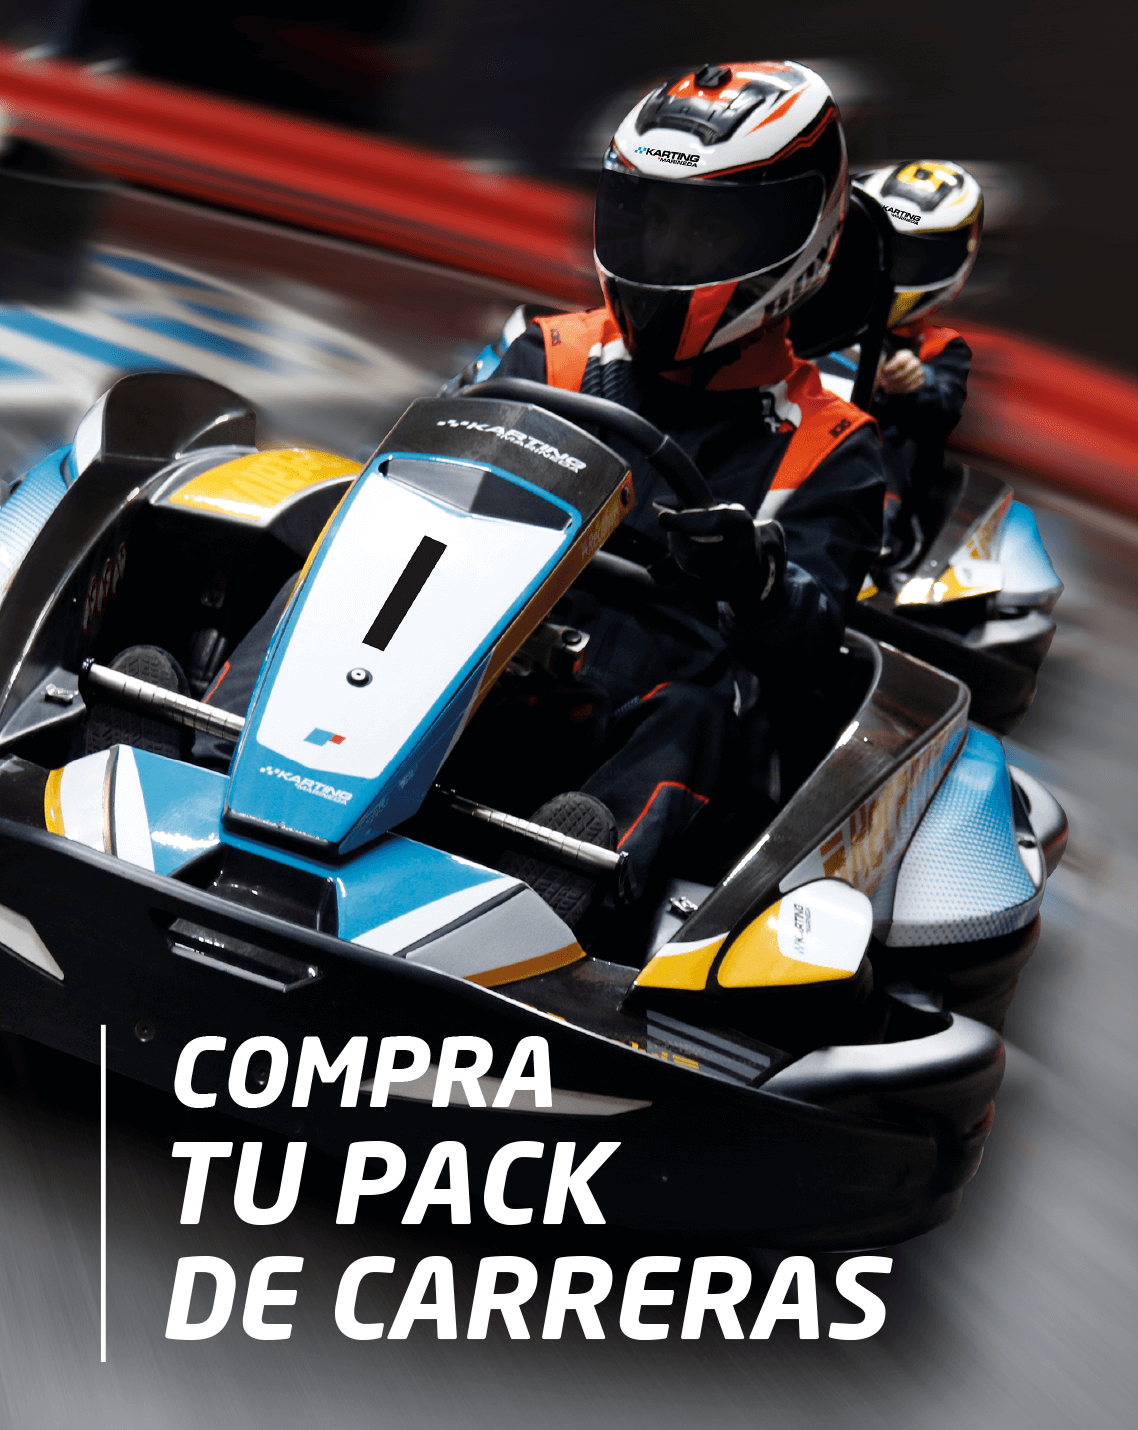 Pack 10 Carreras Por 49,95